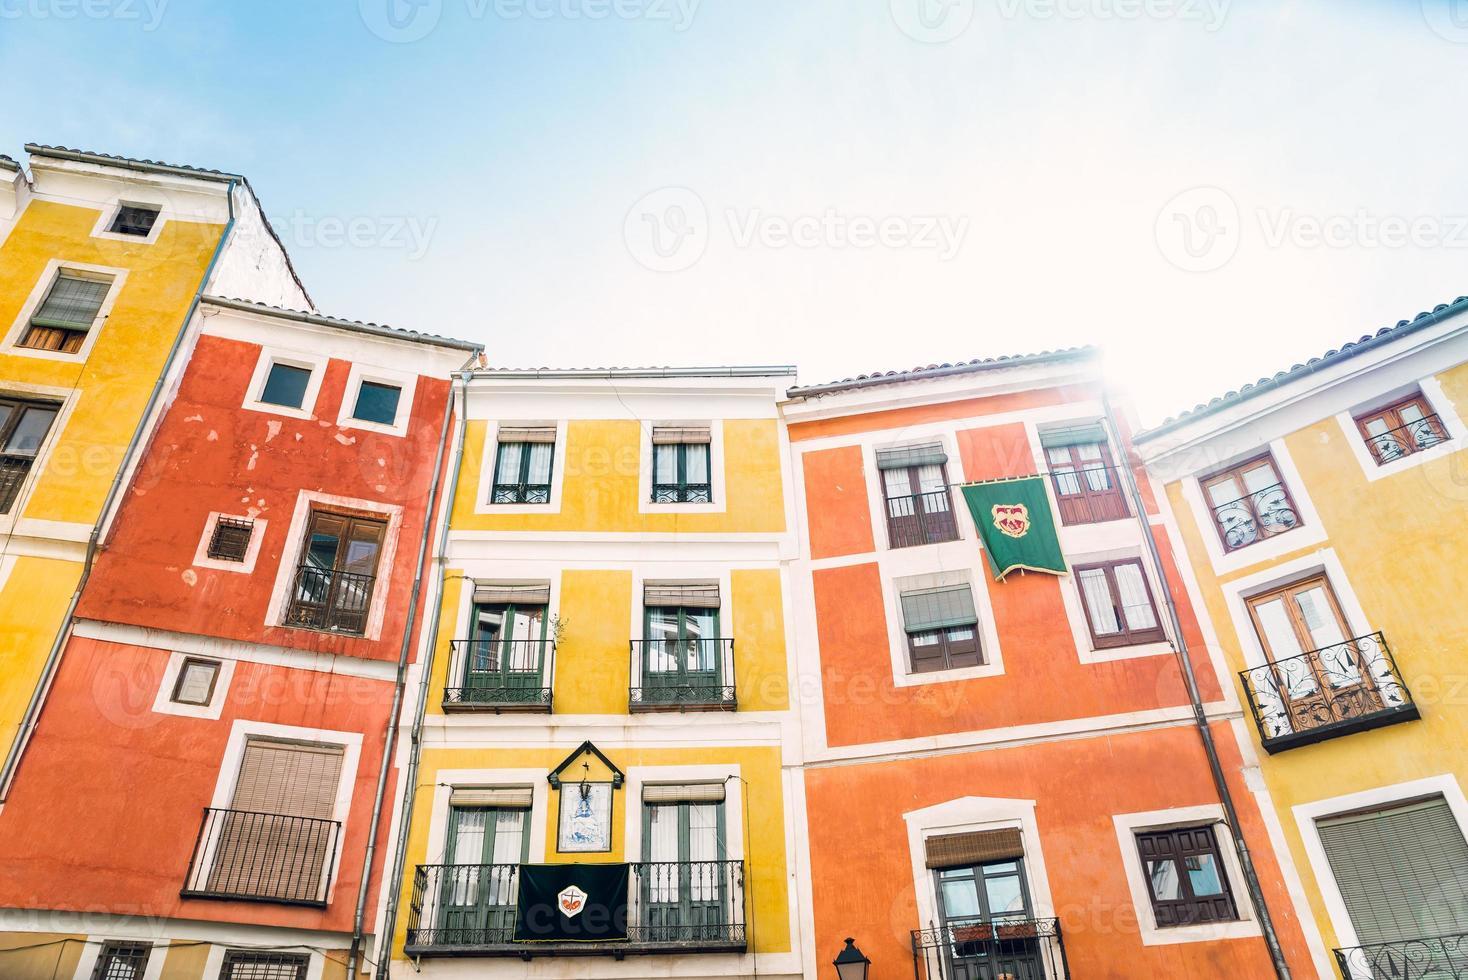 Impresionante vista de coloridas casas en cuenca, españa foto